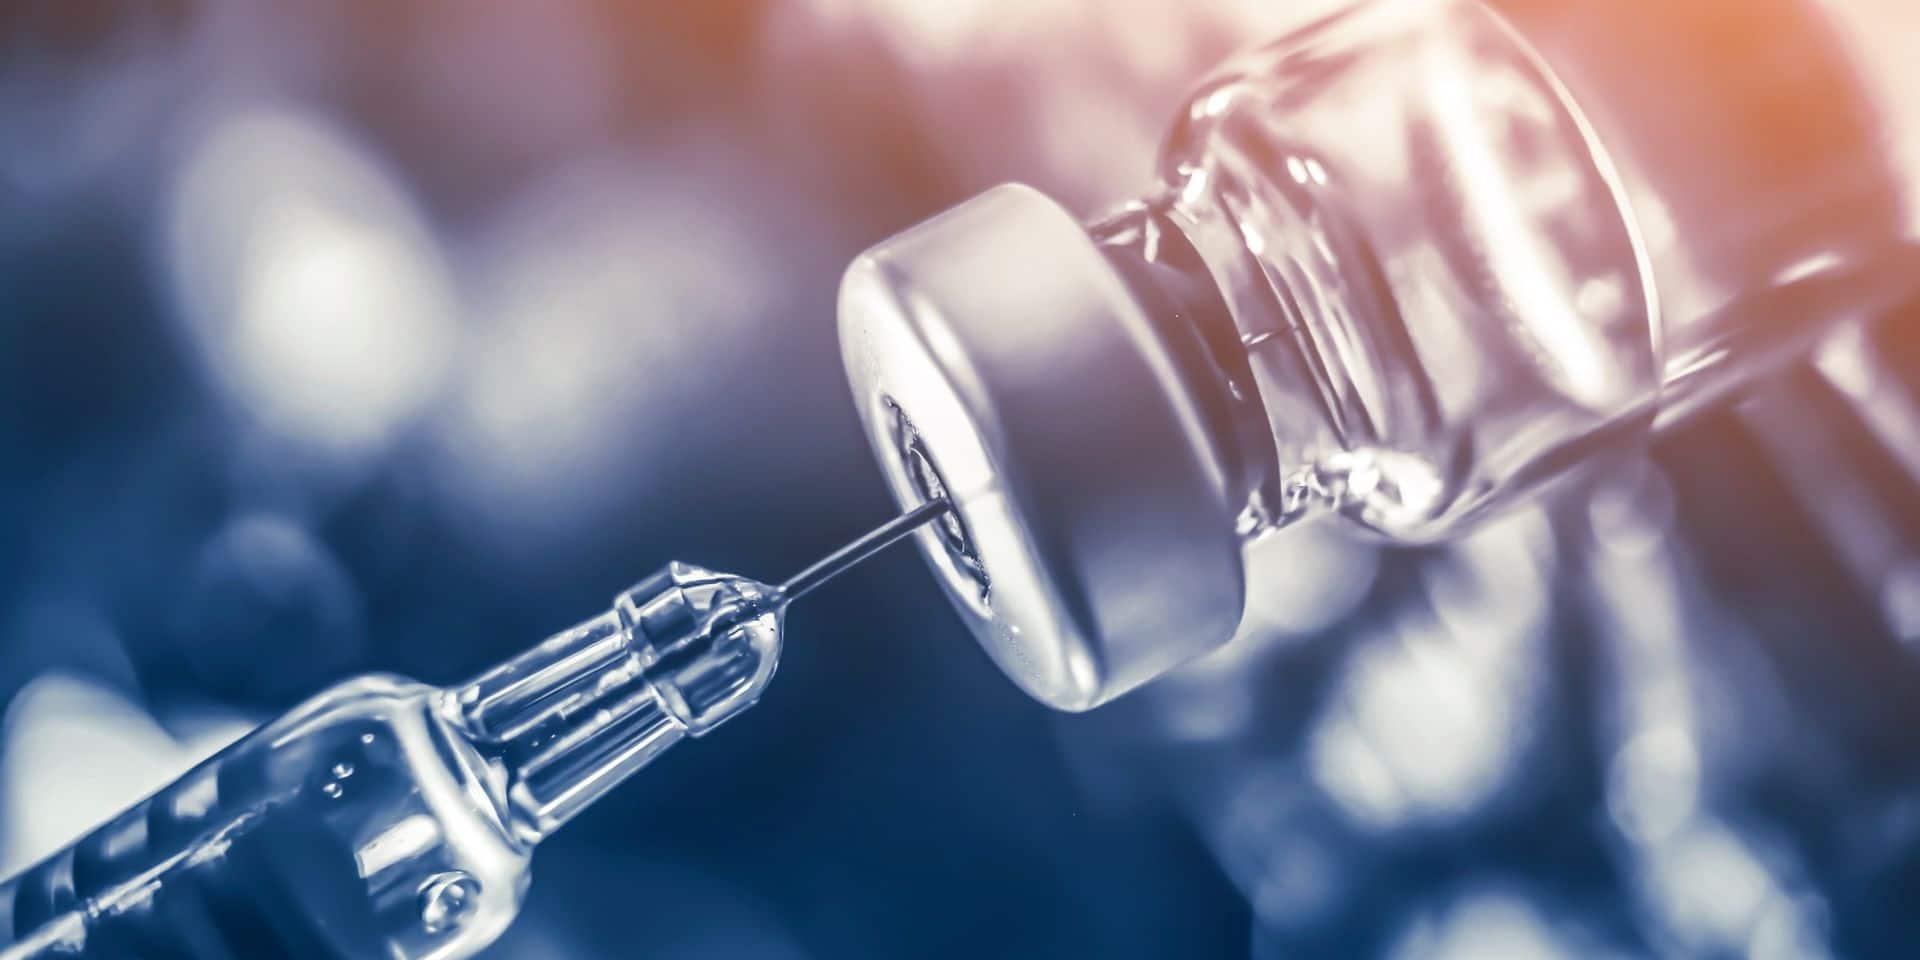 Sanofi continue de développer son propre vaccin, mais va également participer à la production de ceux de ses concurrents.